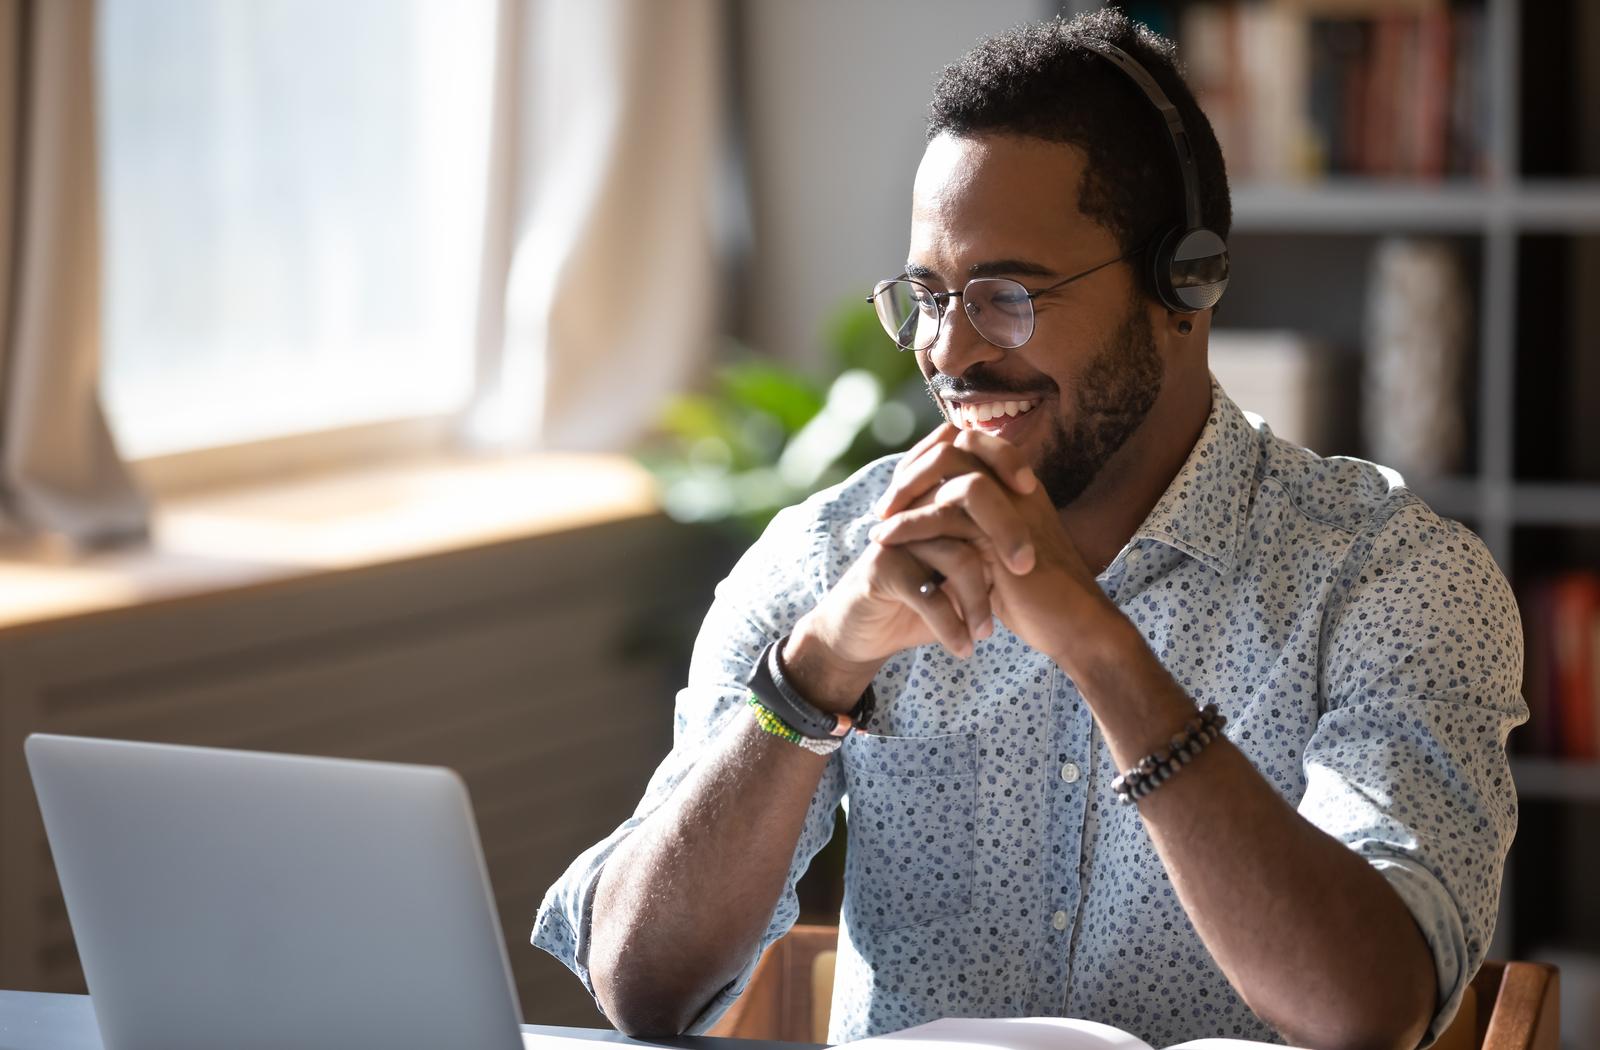 Man smiling at a laptop